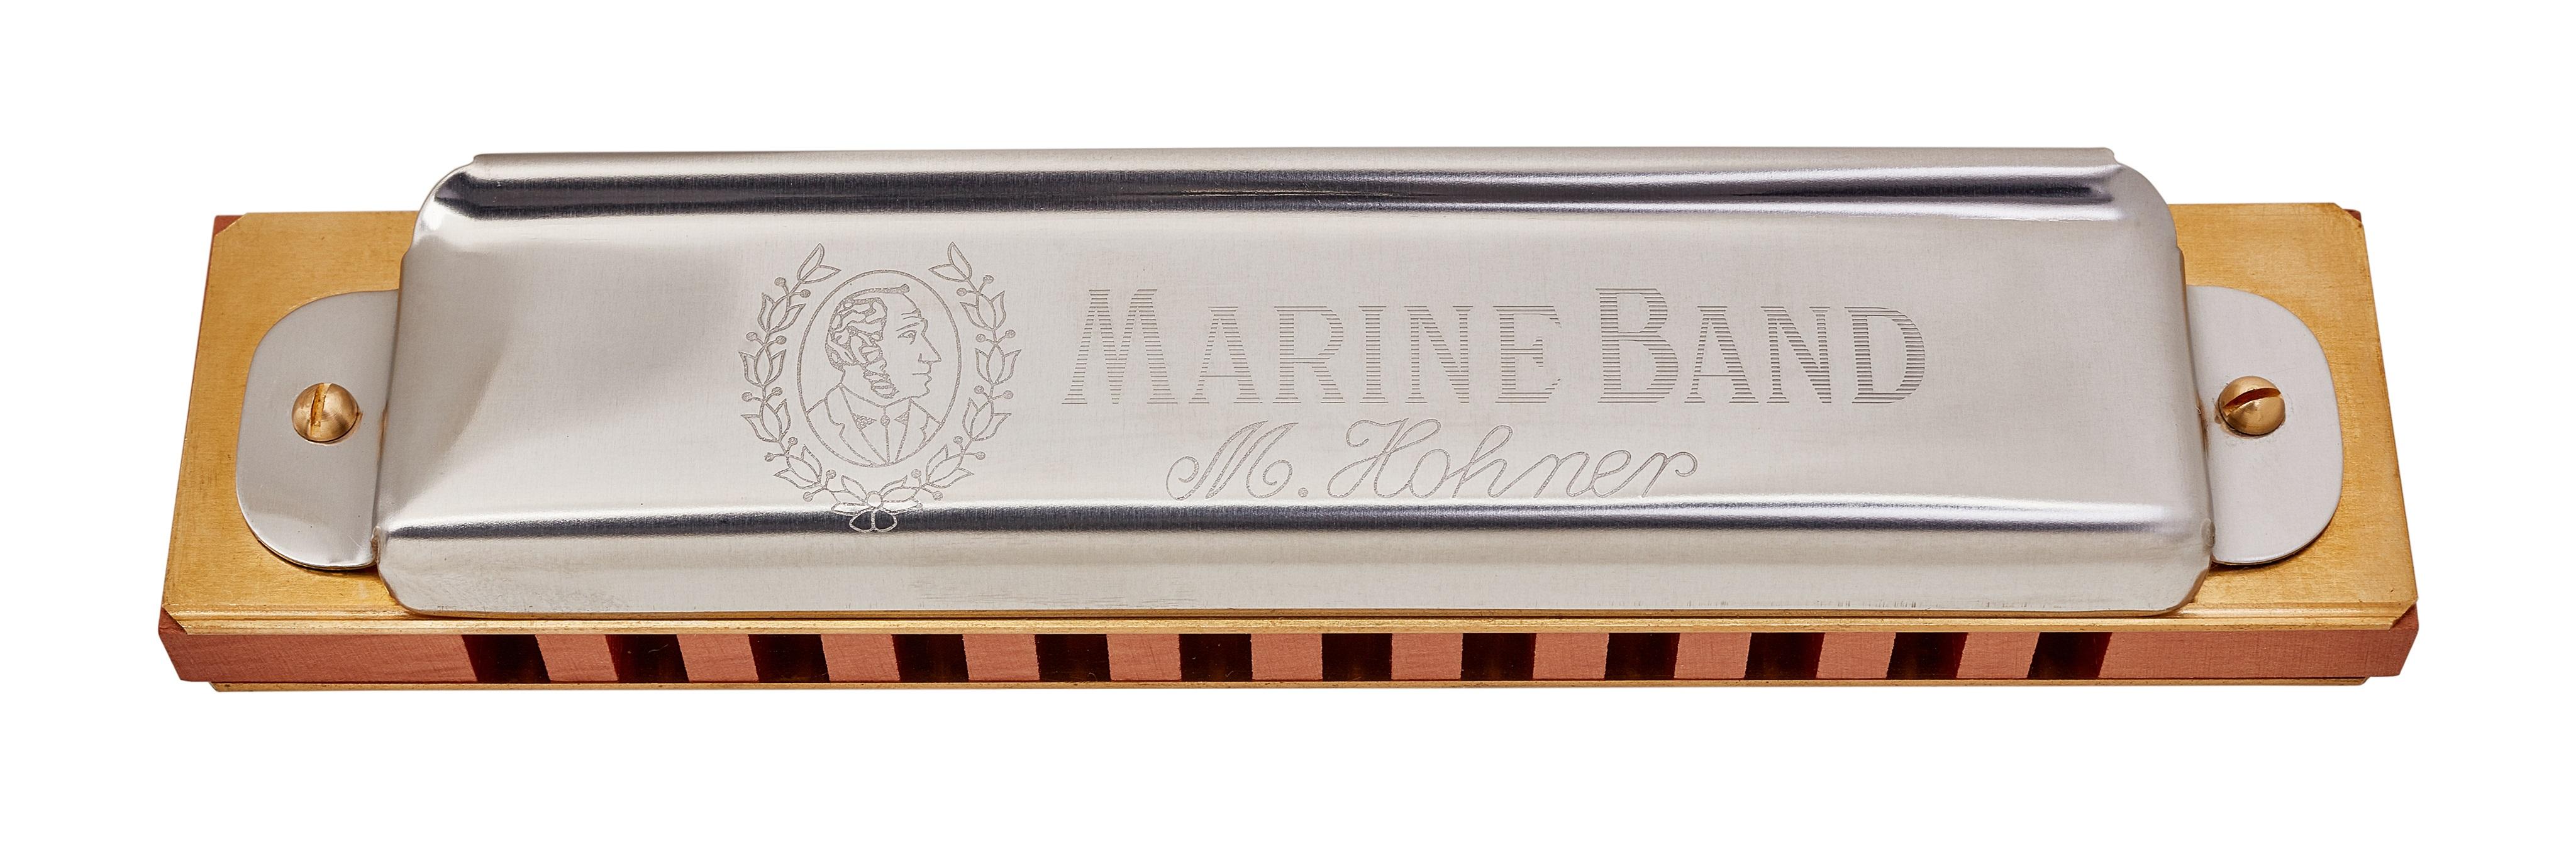 Hohner Marine Band 364/24 G